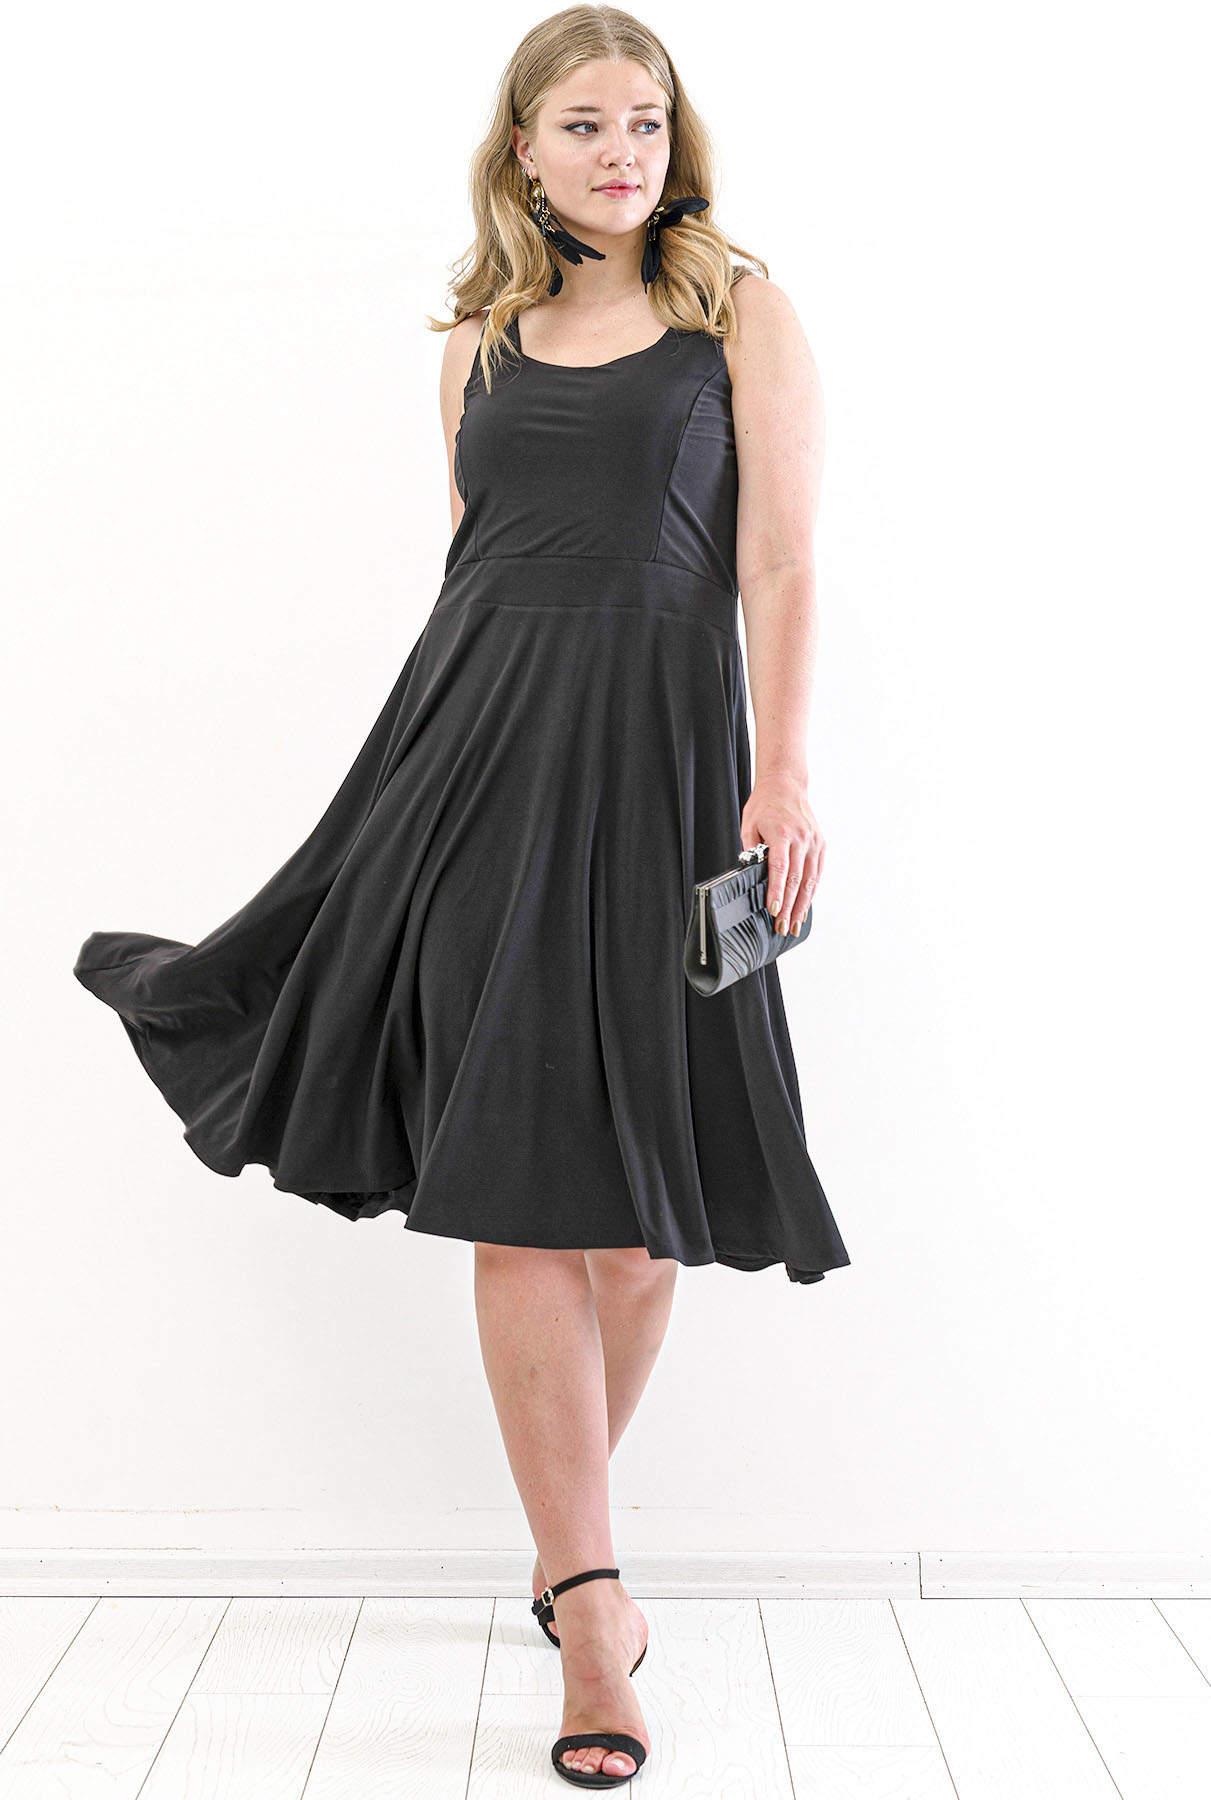 Schwarzes Knielanges Kleid Mit Riemendetail Olastorm